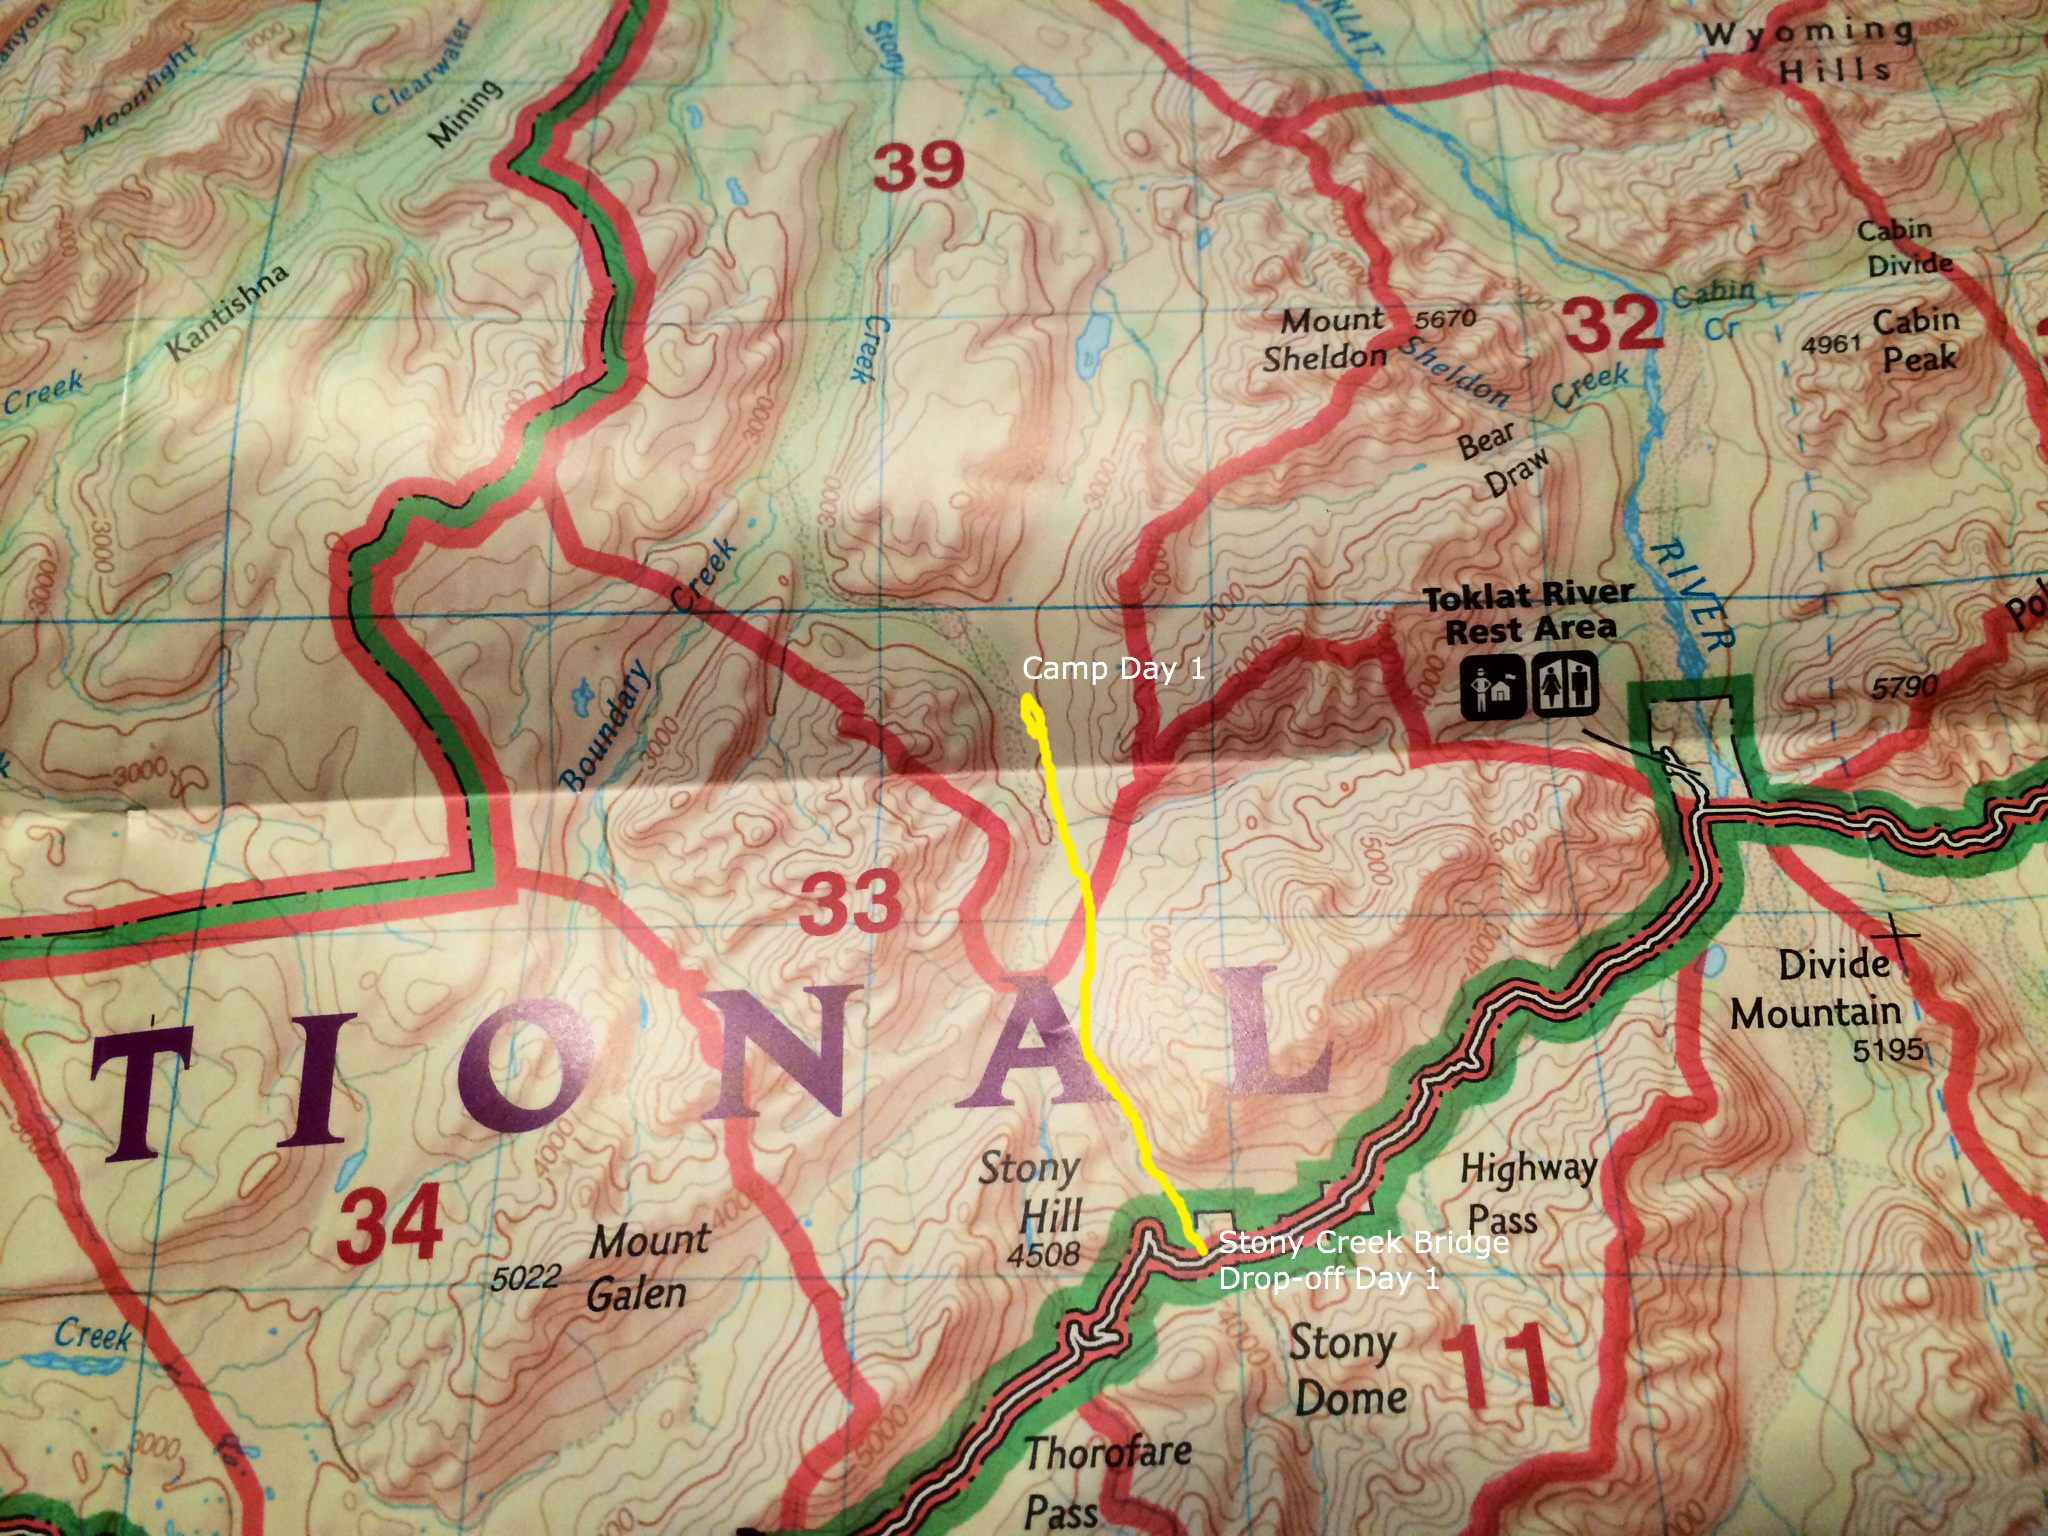 Alaska Stony Creek Unit 39 Denali National Park Day 1 a joyful